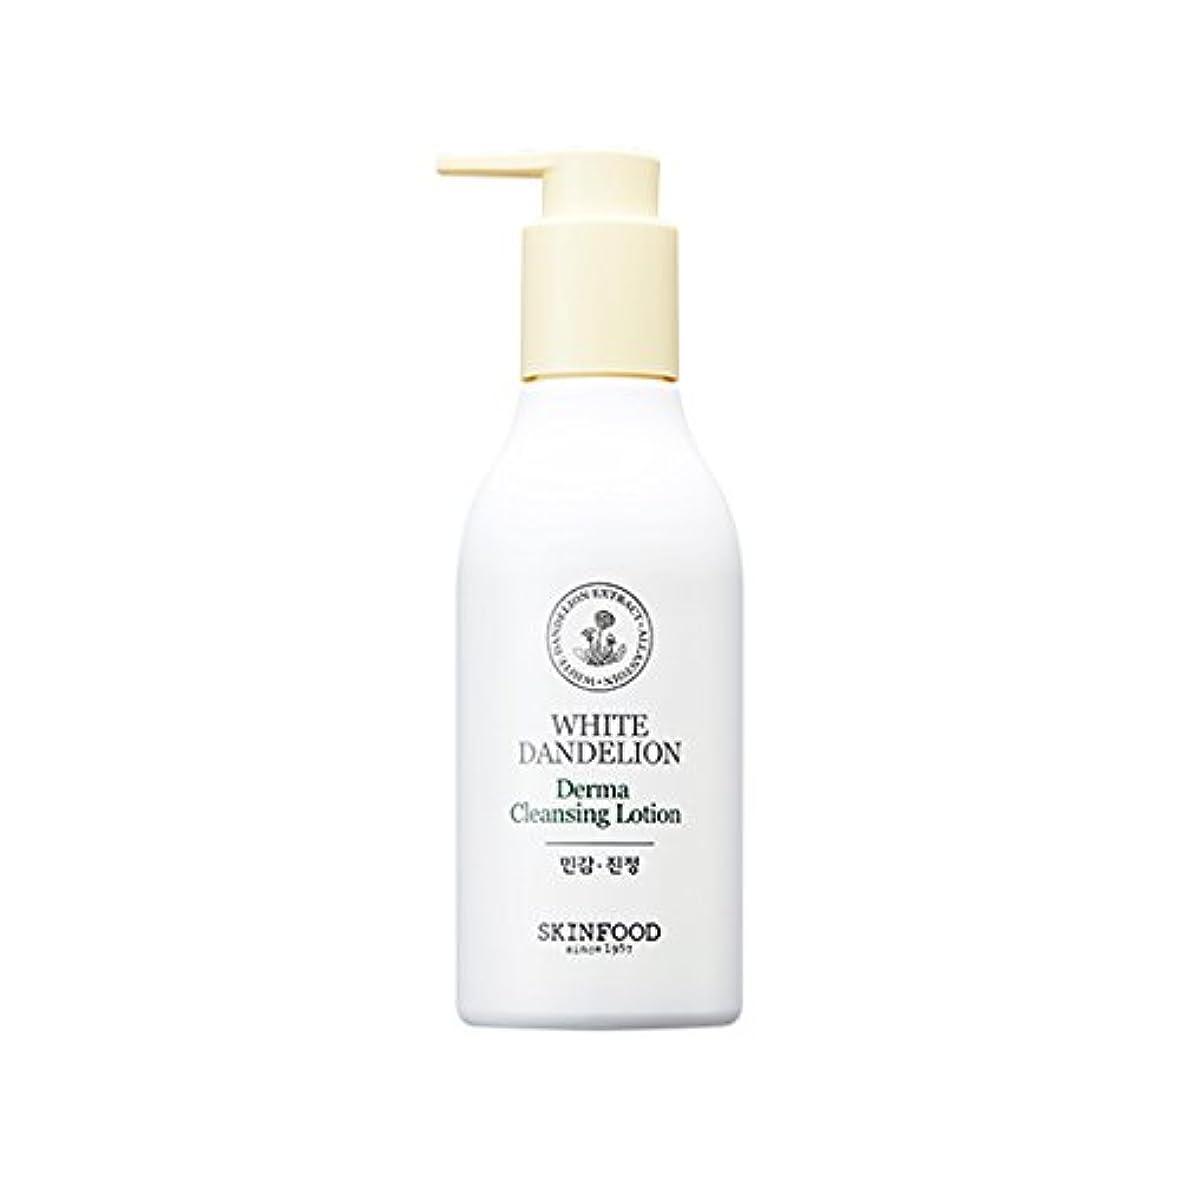 パトロン廃止挨拶するSkinfood/White Dandelion Derma Cleansing Lotion/ホワイトタンポポダーマクレンジングローション/200ml [並行輸入品]